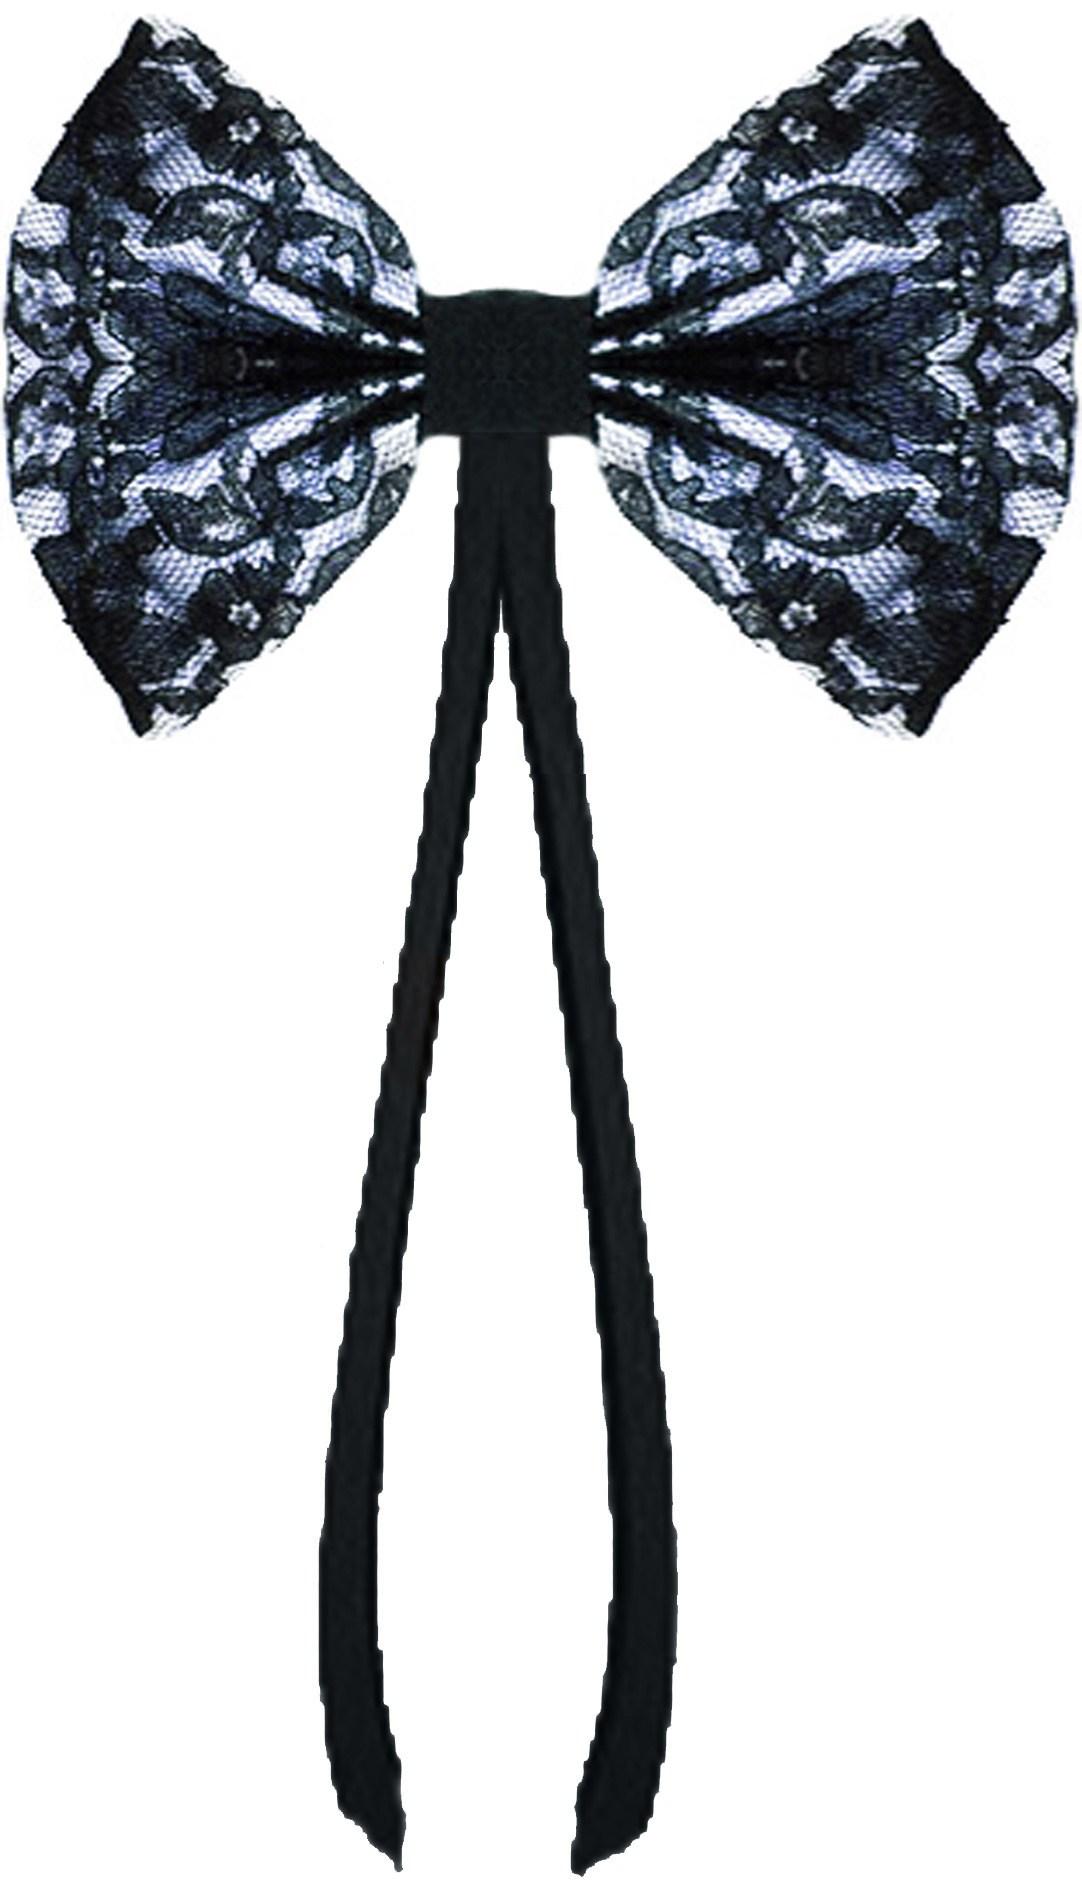 Lace bow clipart 6 » Clipart Portal.